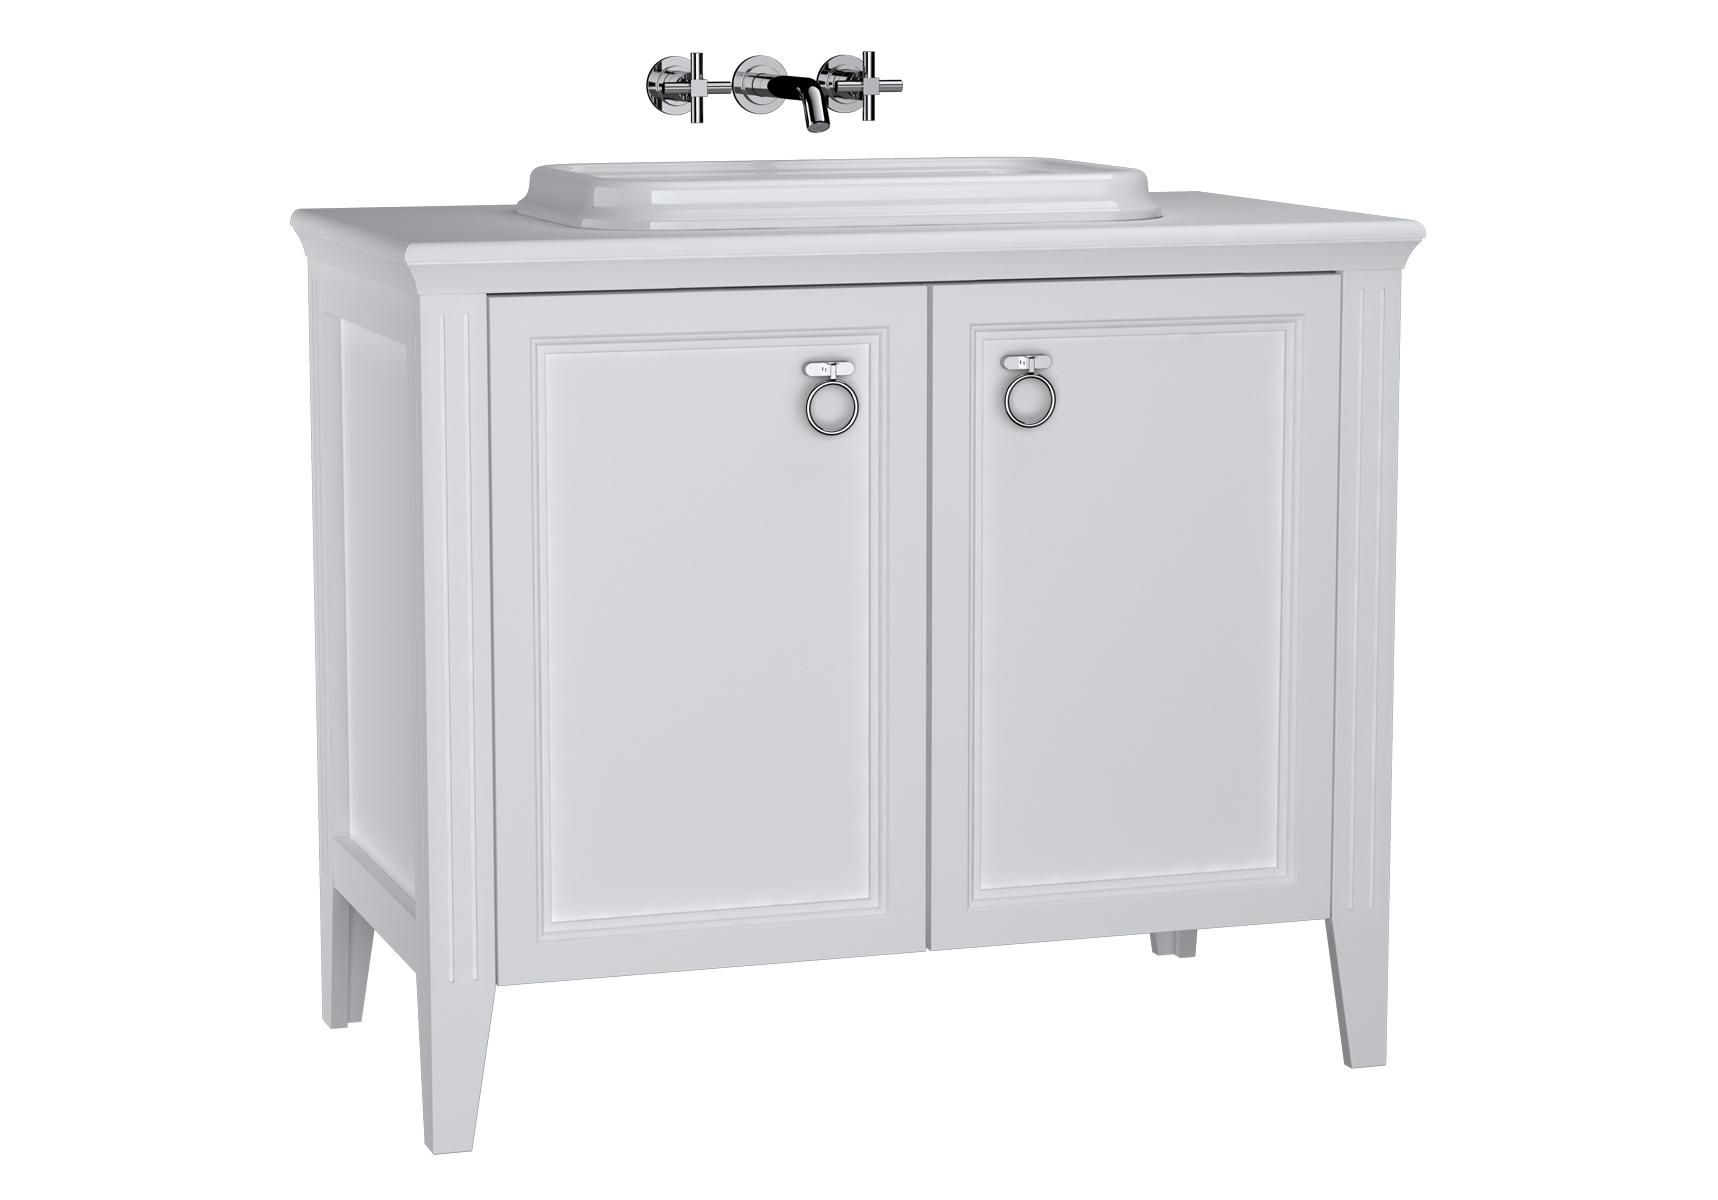 Valarte meuble sous vasque encastrée, 100 cm, avec portes, blanc mat